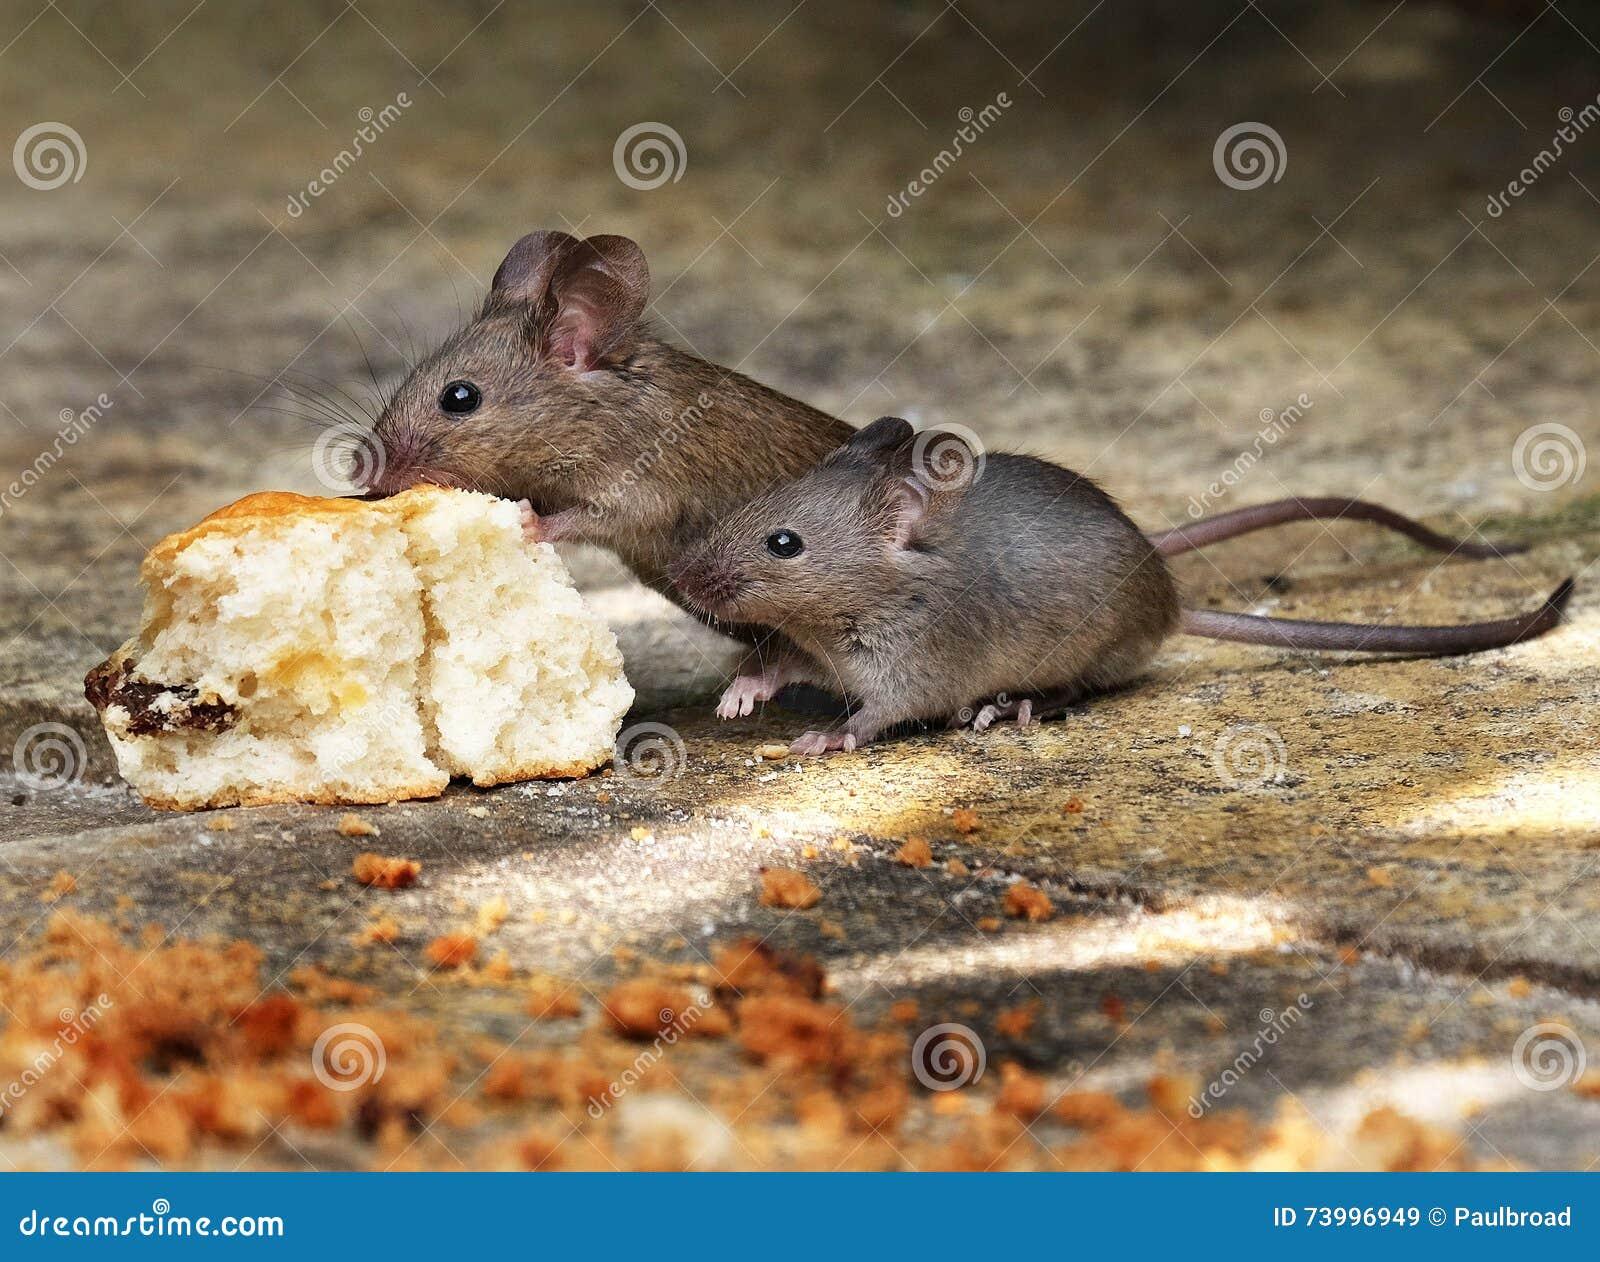 Eliminar ratones en casa elegant limpieza de la casa mi dulce hogar with eliminar ratones en - Como eliminar ratones en el hogar ...